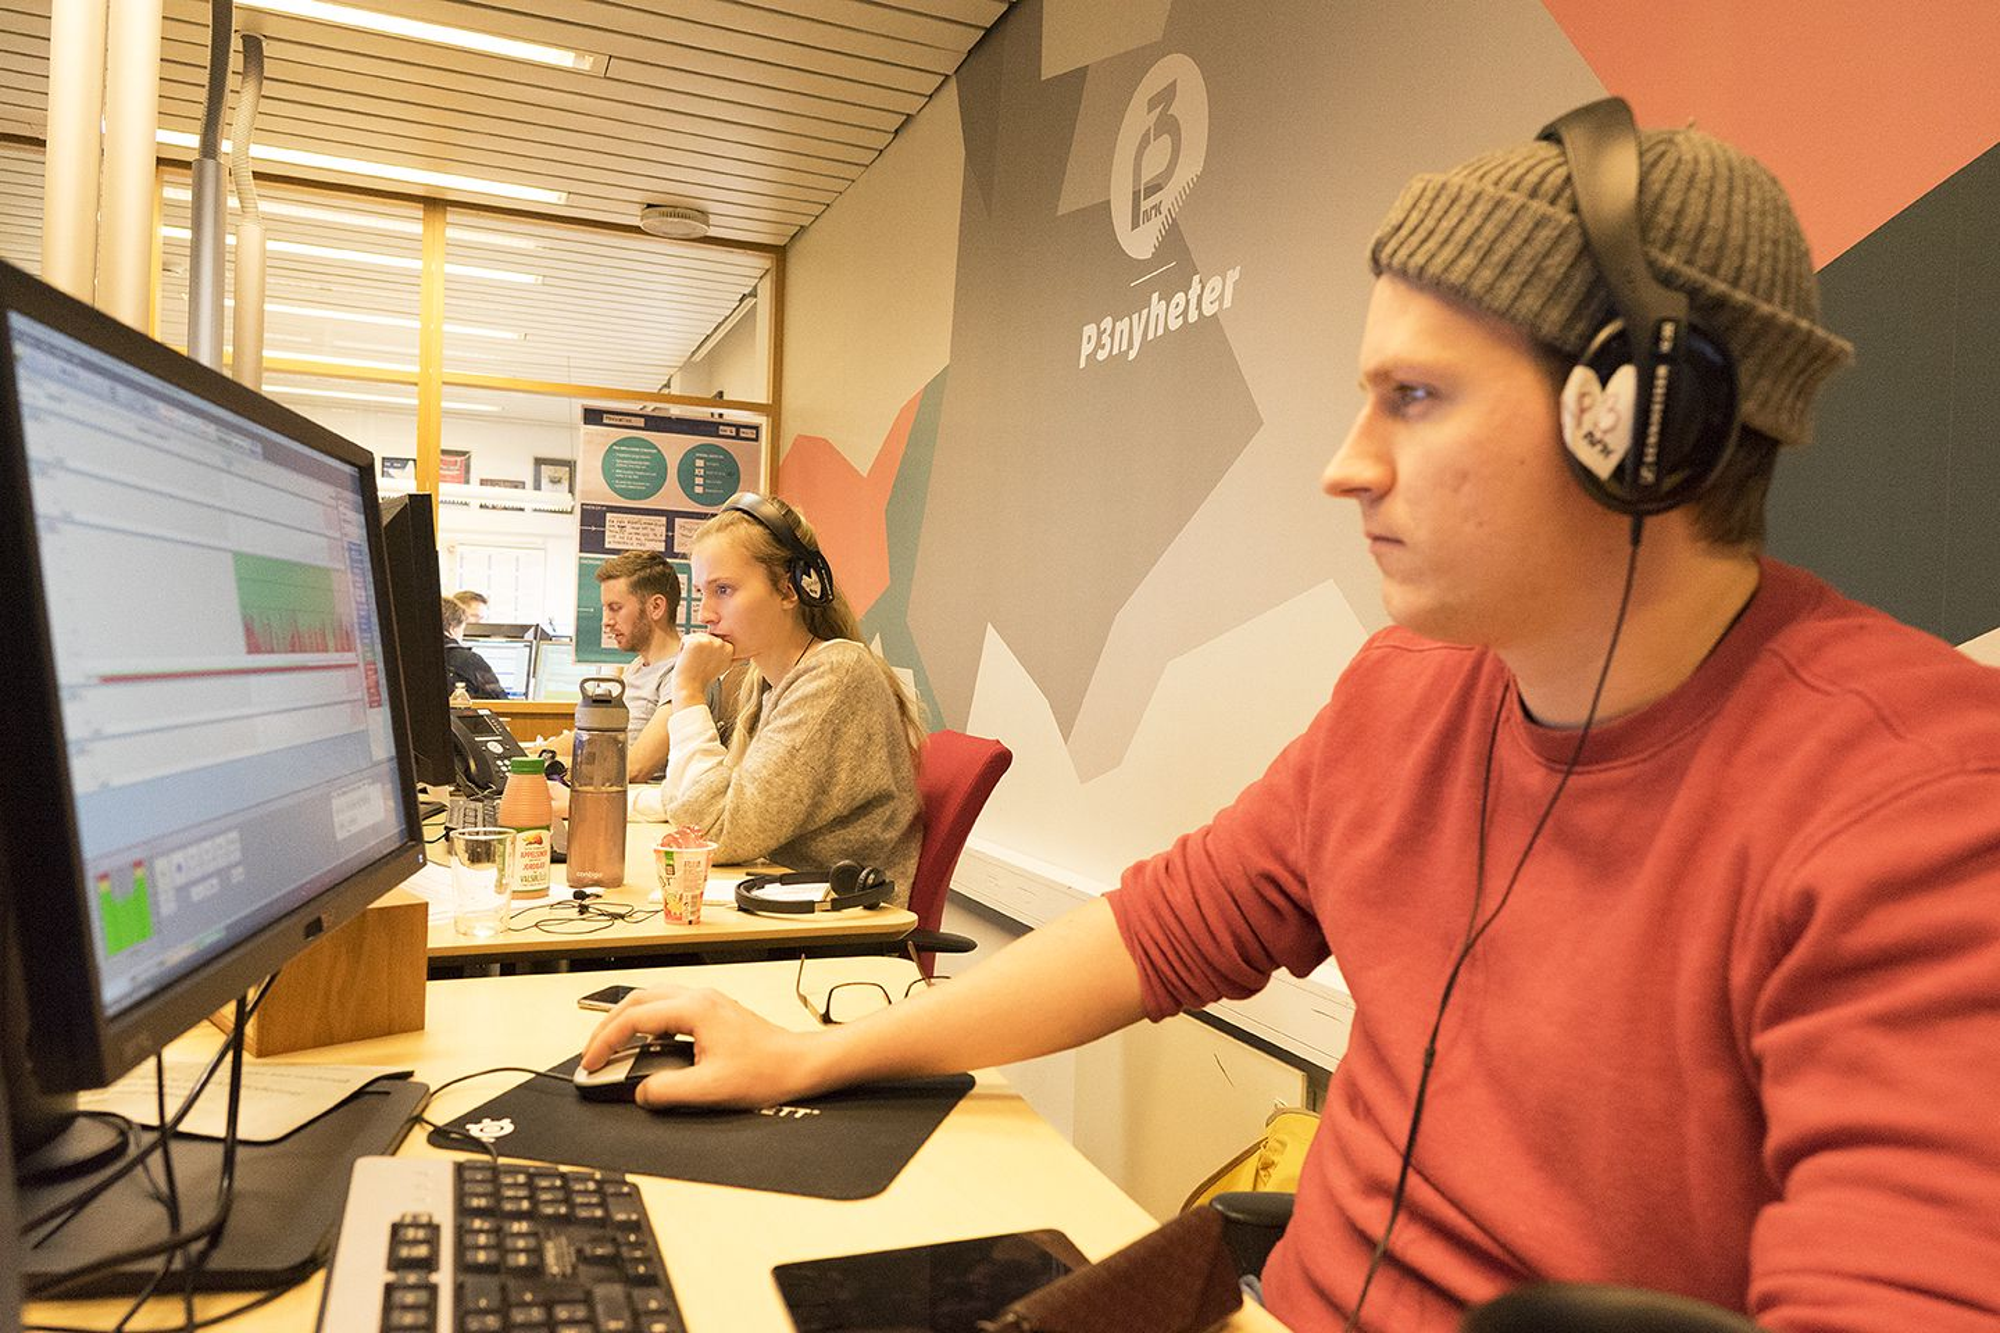 P3Nyheter i aksjon. Fra høyre: Ole Marius Trøen, Merethe Åsegård og Sverre Lilleeng.